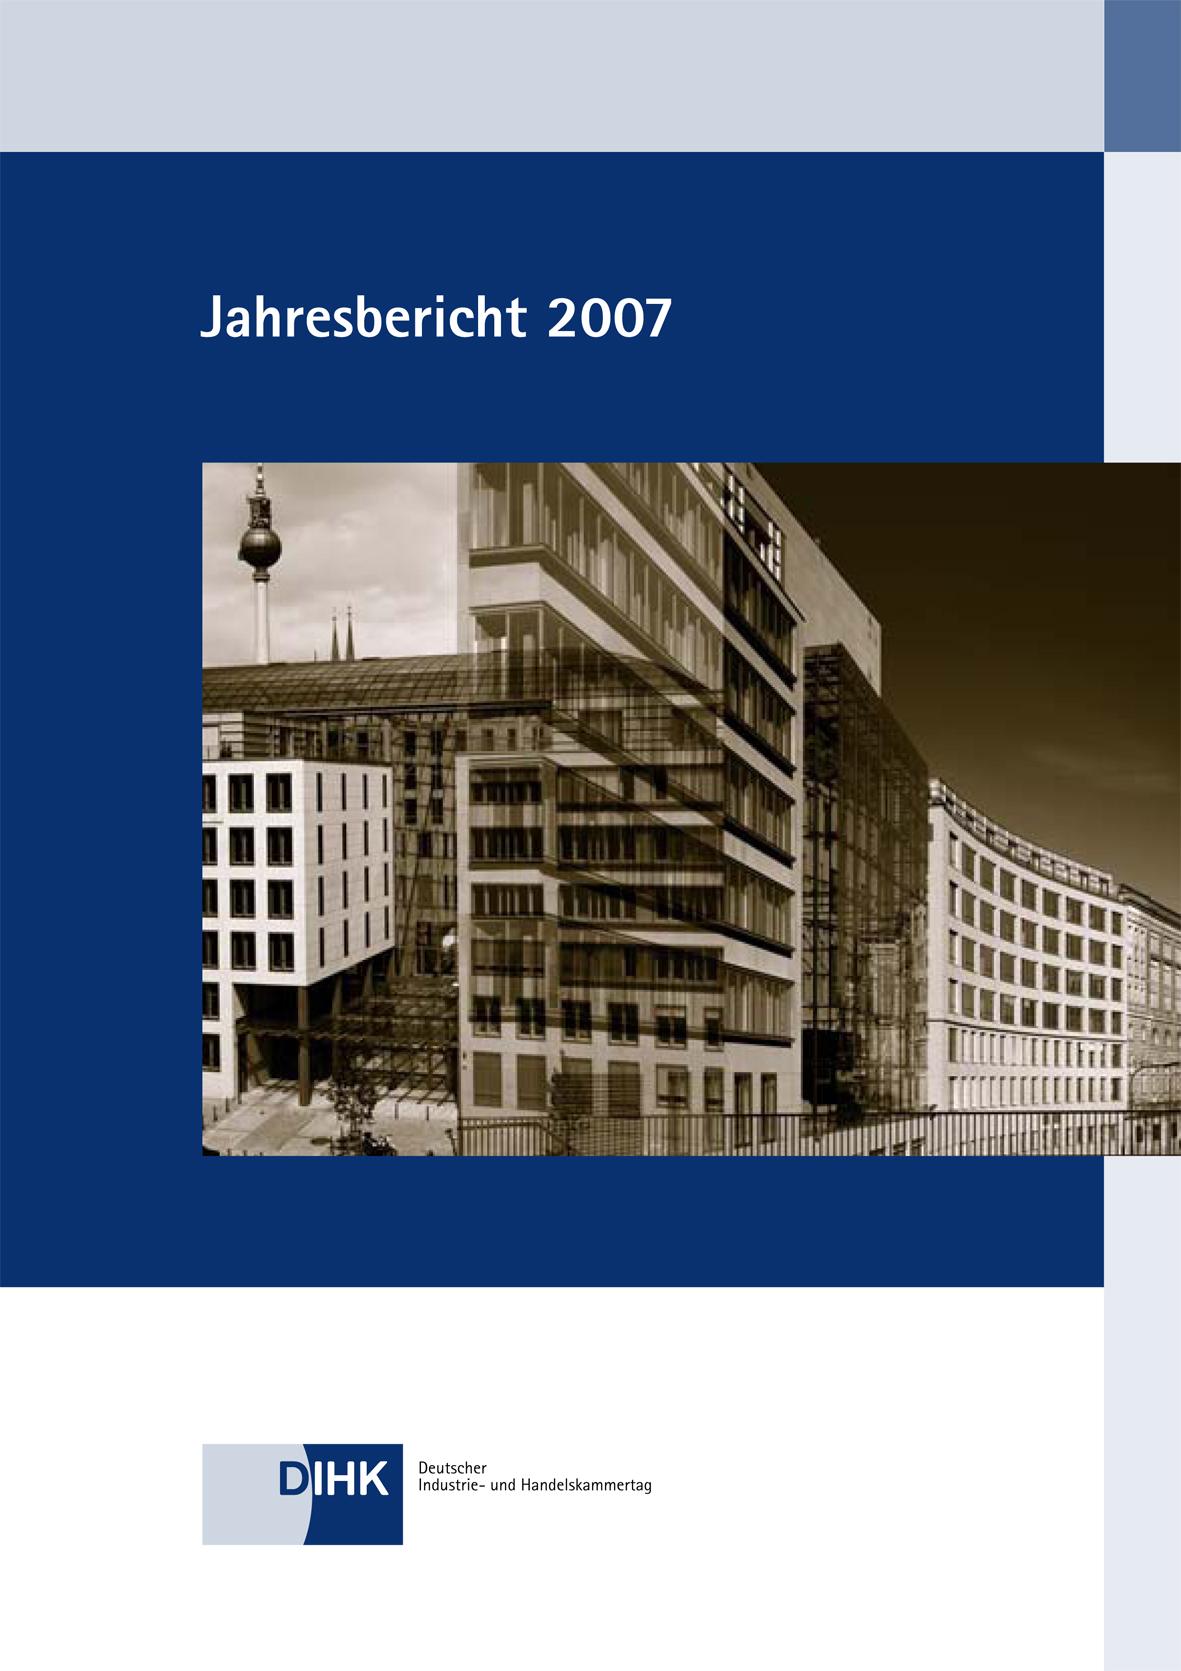 Titel-JB2007